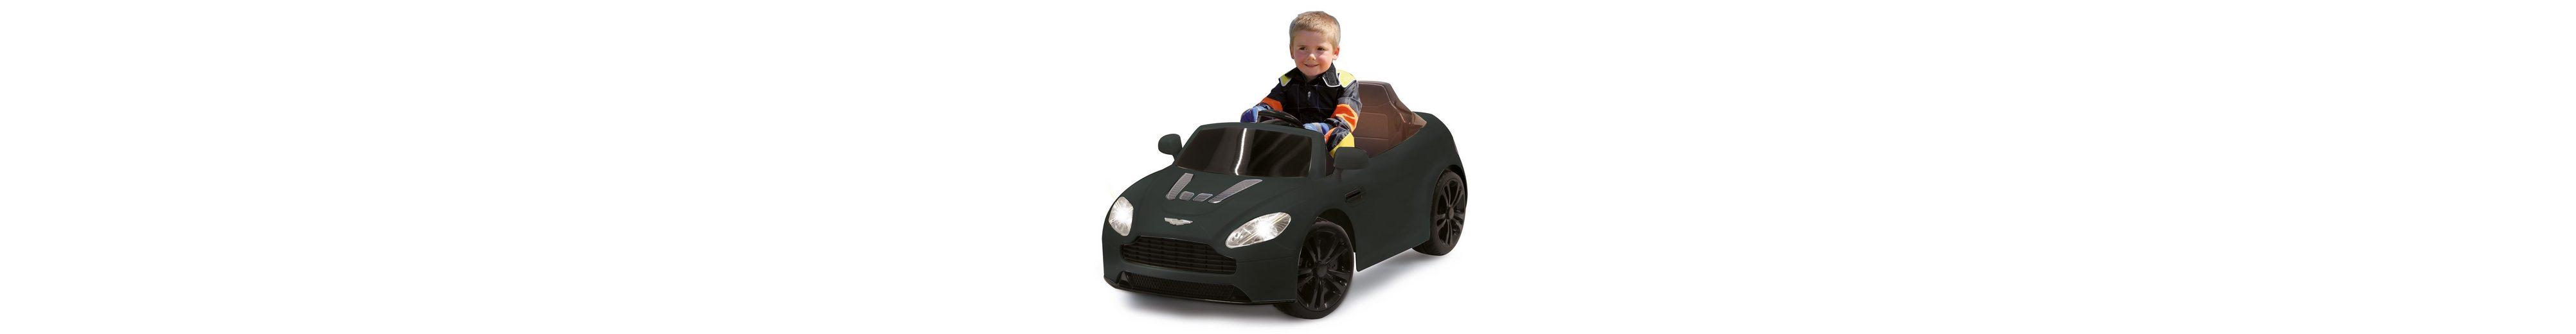 JAMARA Elektrofahrzeug für Kinder, 2,4 GHz, »JAMARA KIDS Ride-On Aston Martin, schwarz«